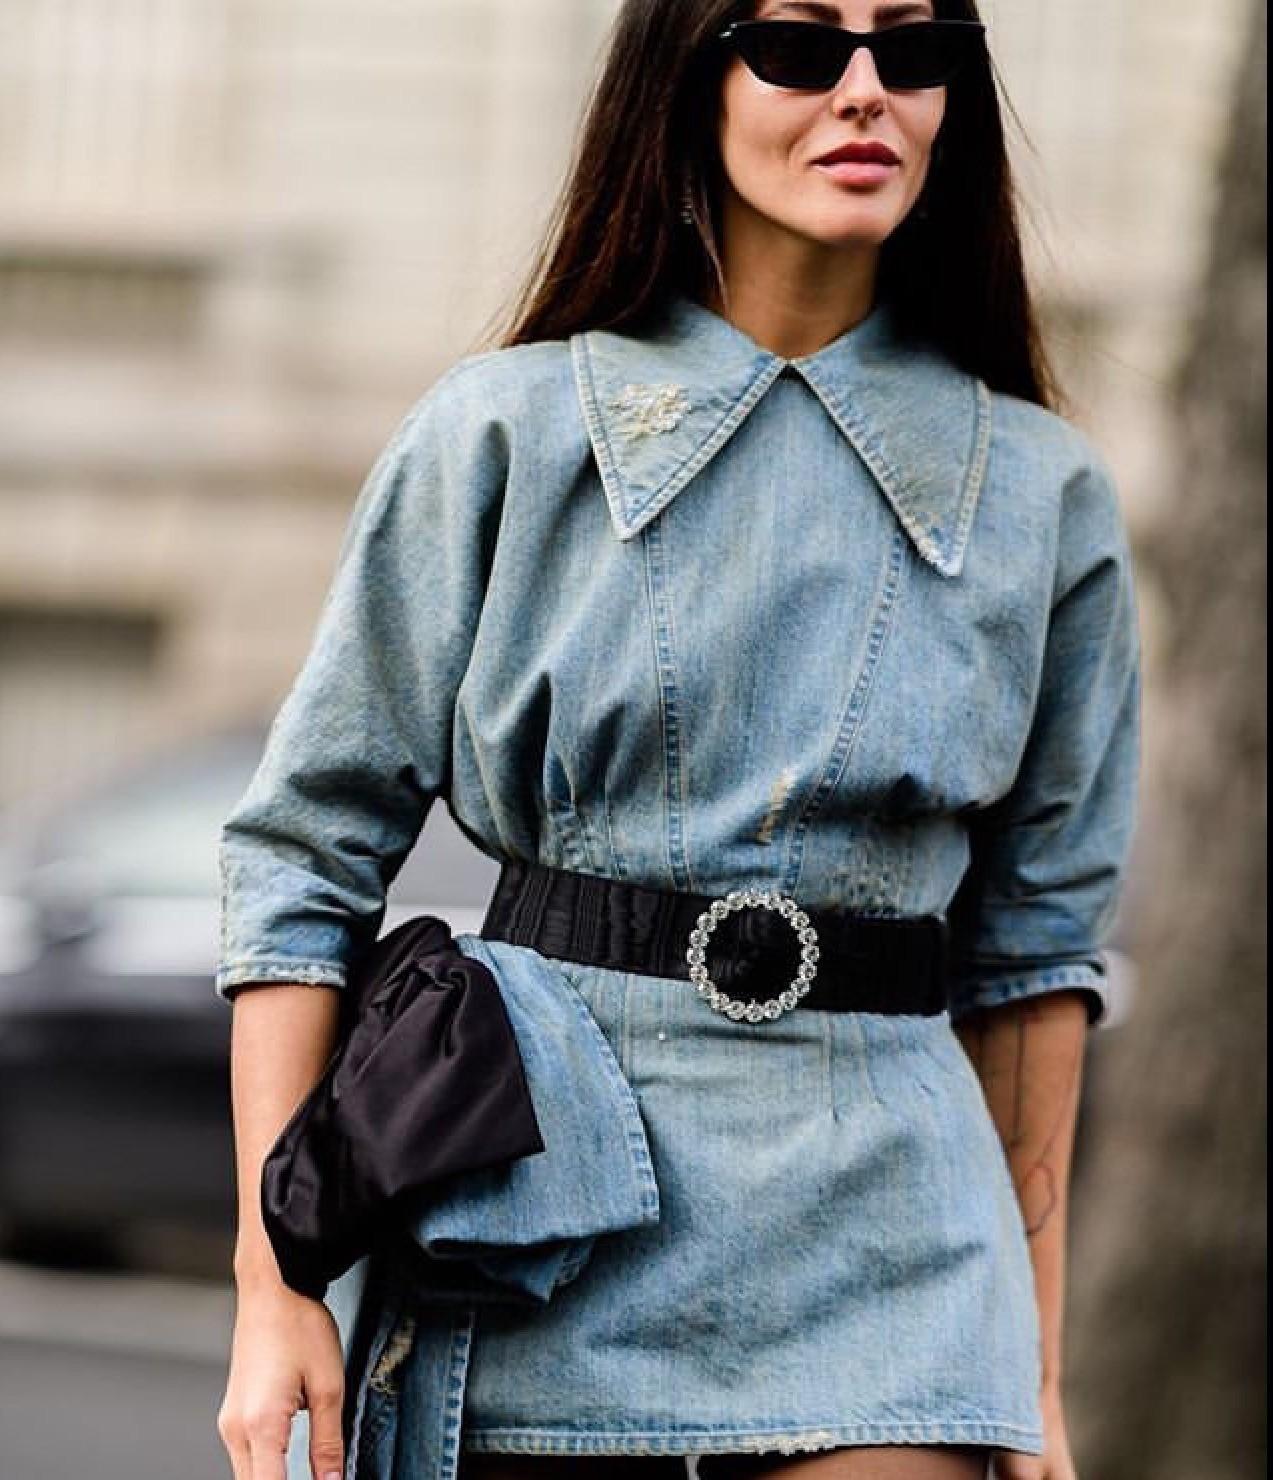 Джинсовое платье из вареного денима просто обязано появится в твоем гардеробе этой весной. Длина и фасон могут быть любыми: все зависит от твоих предпочтений. Подбери к джинсовому платью...